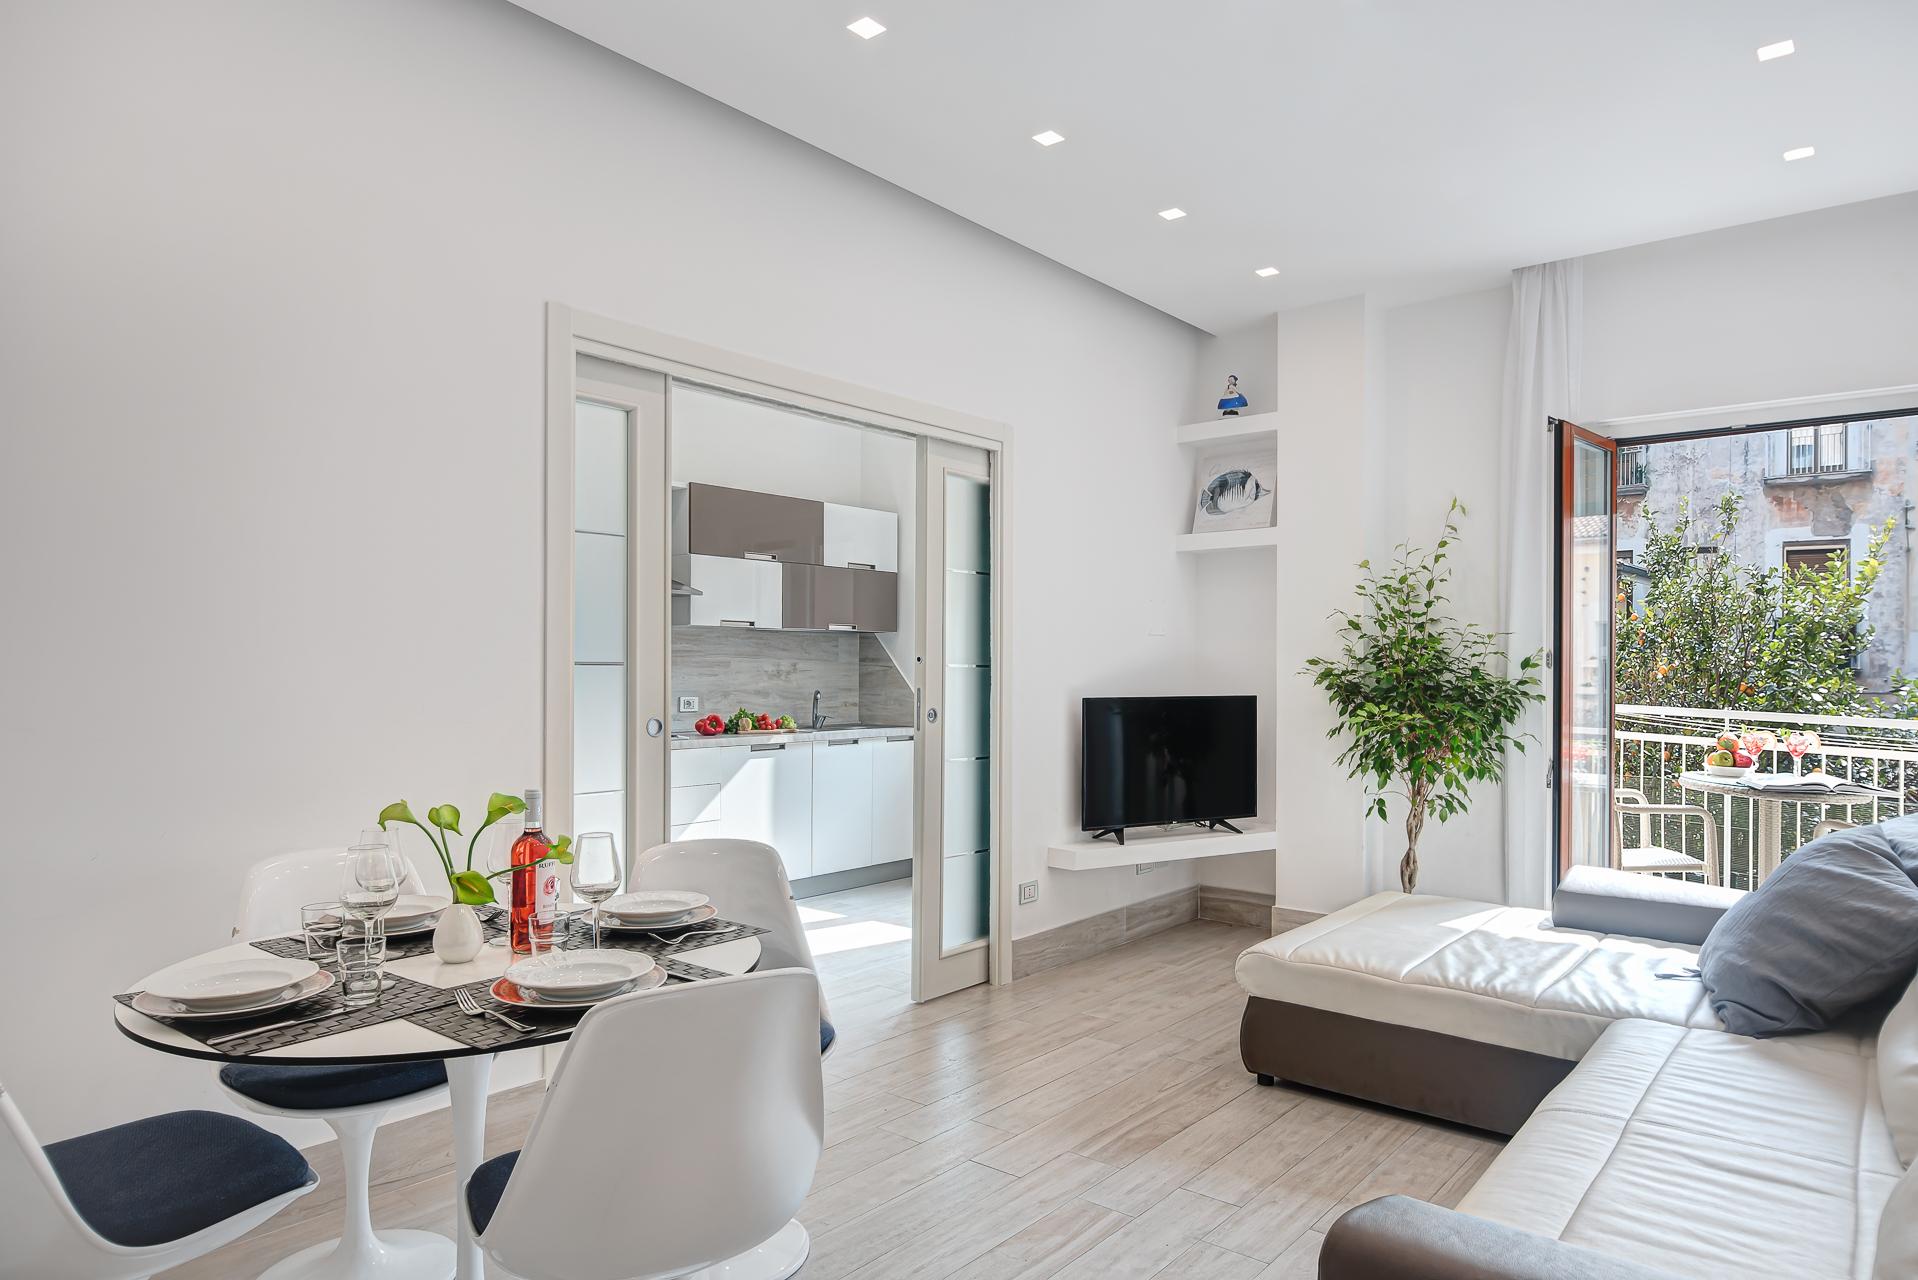 El Royale Suites Sorrento - Blanco photo 16087863